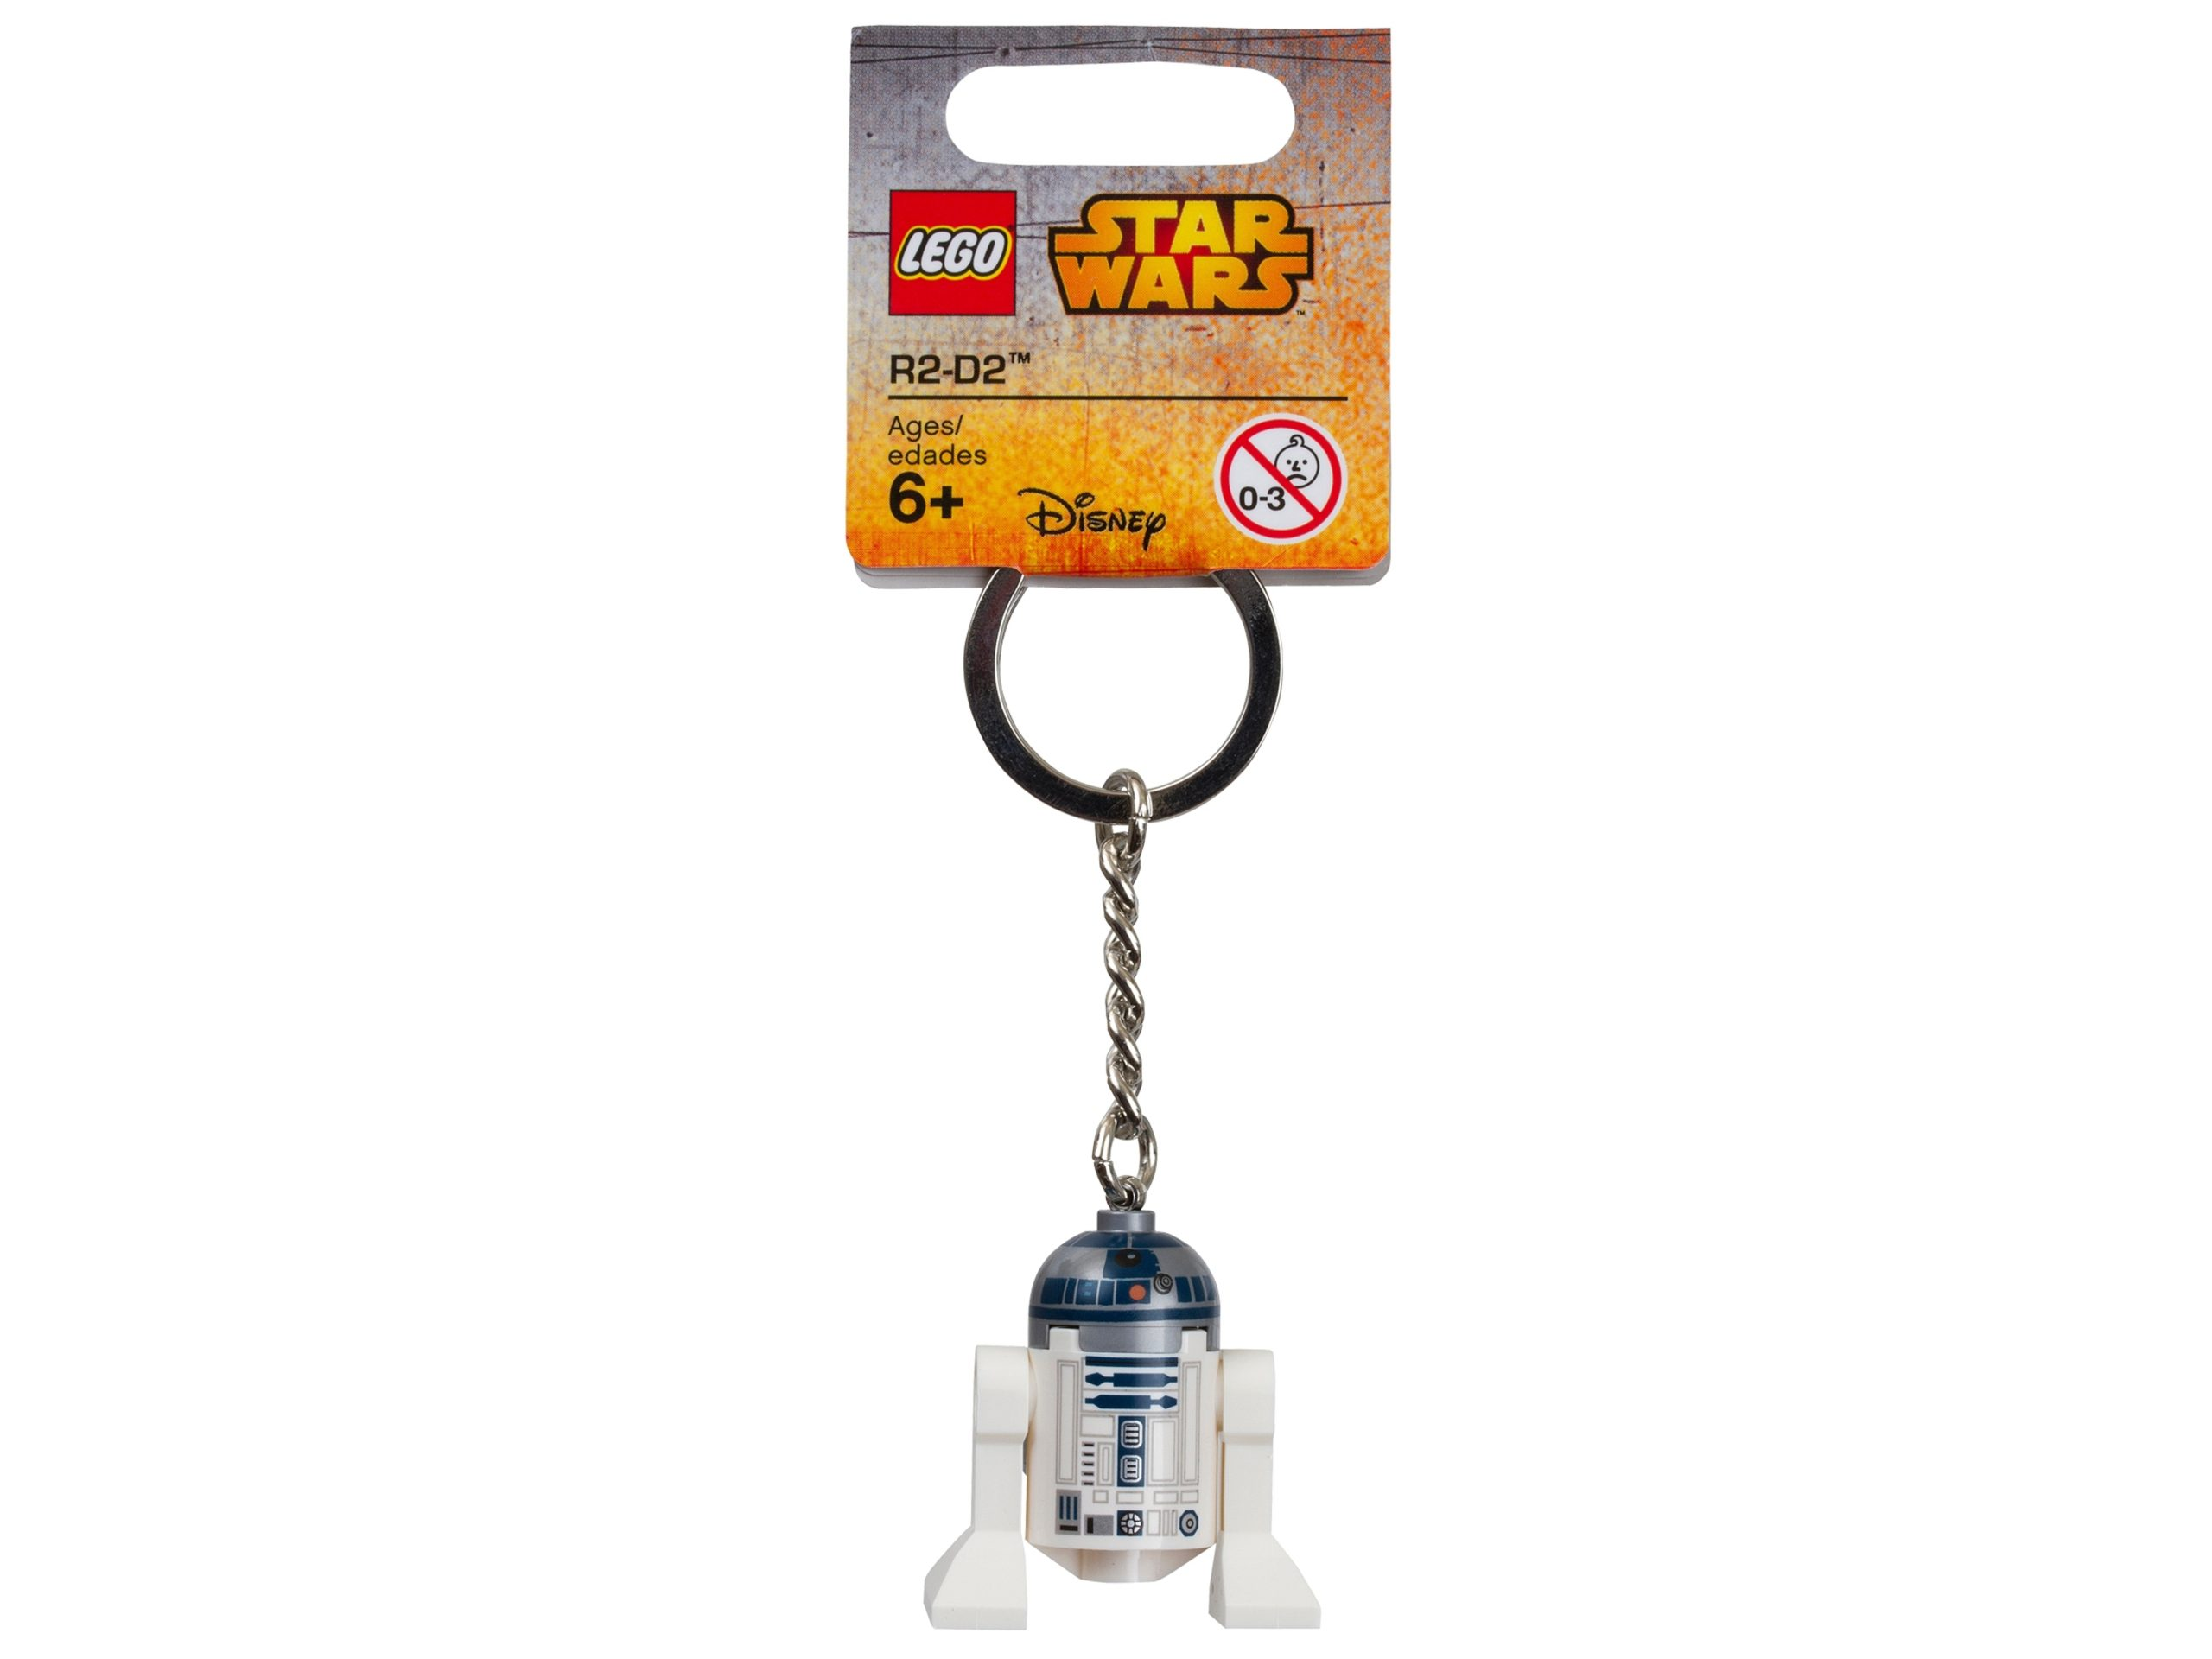 lego 853470 star wars r2 d2 key chain scaled